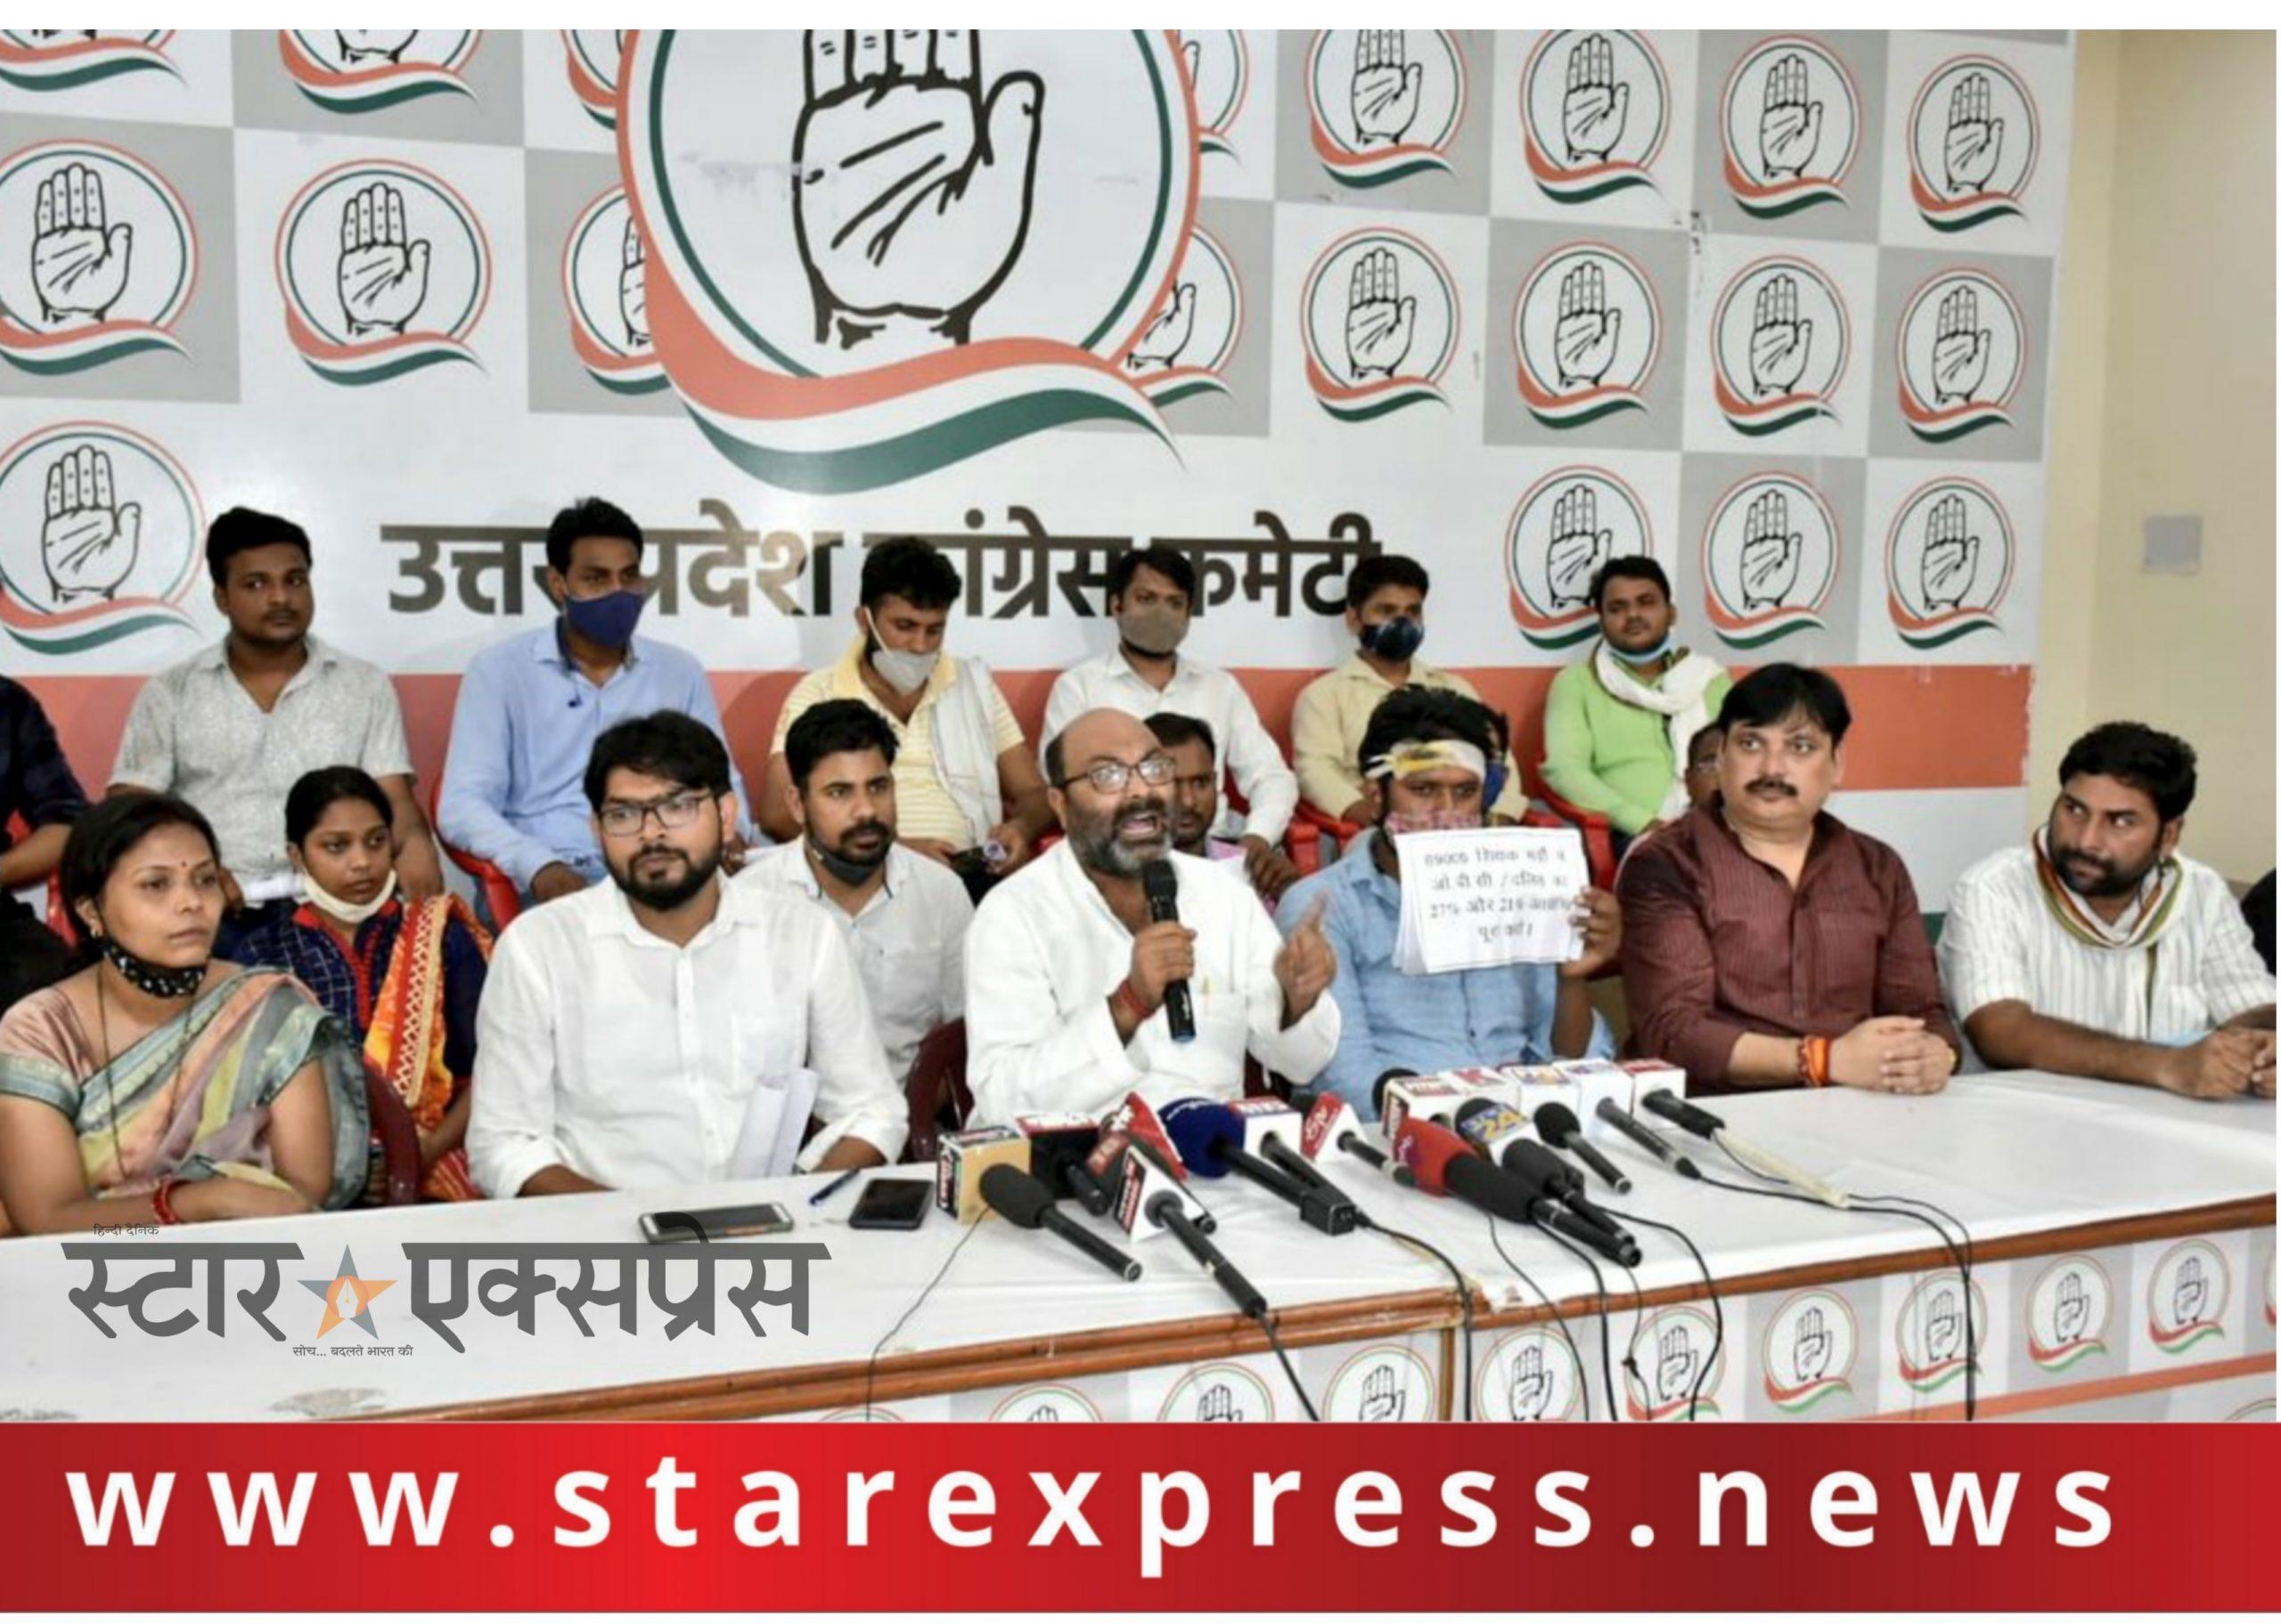 Photo of 'पिछड़ा वर्ग आयोग' की रिपोर्ट भी बता रही है कि 69 हजार शिक्षक भर्ती में हुआ आरक्षण घोटाला, योगी सरकार पिछड़ा और दलित विरोधी- अजय कुमार लल्लू